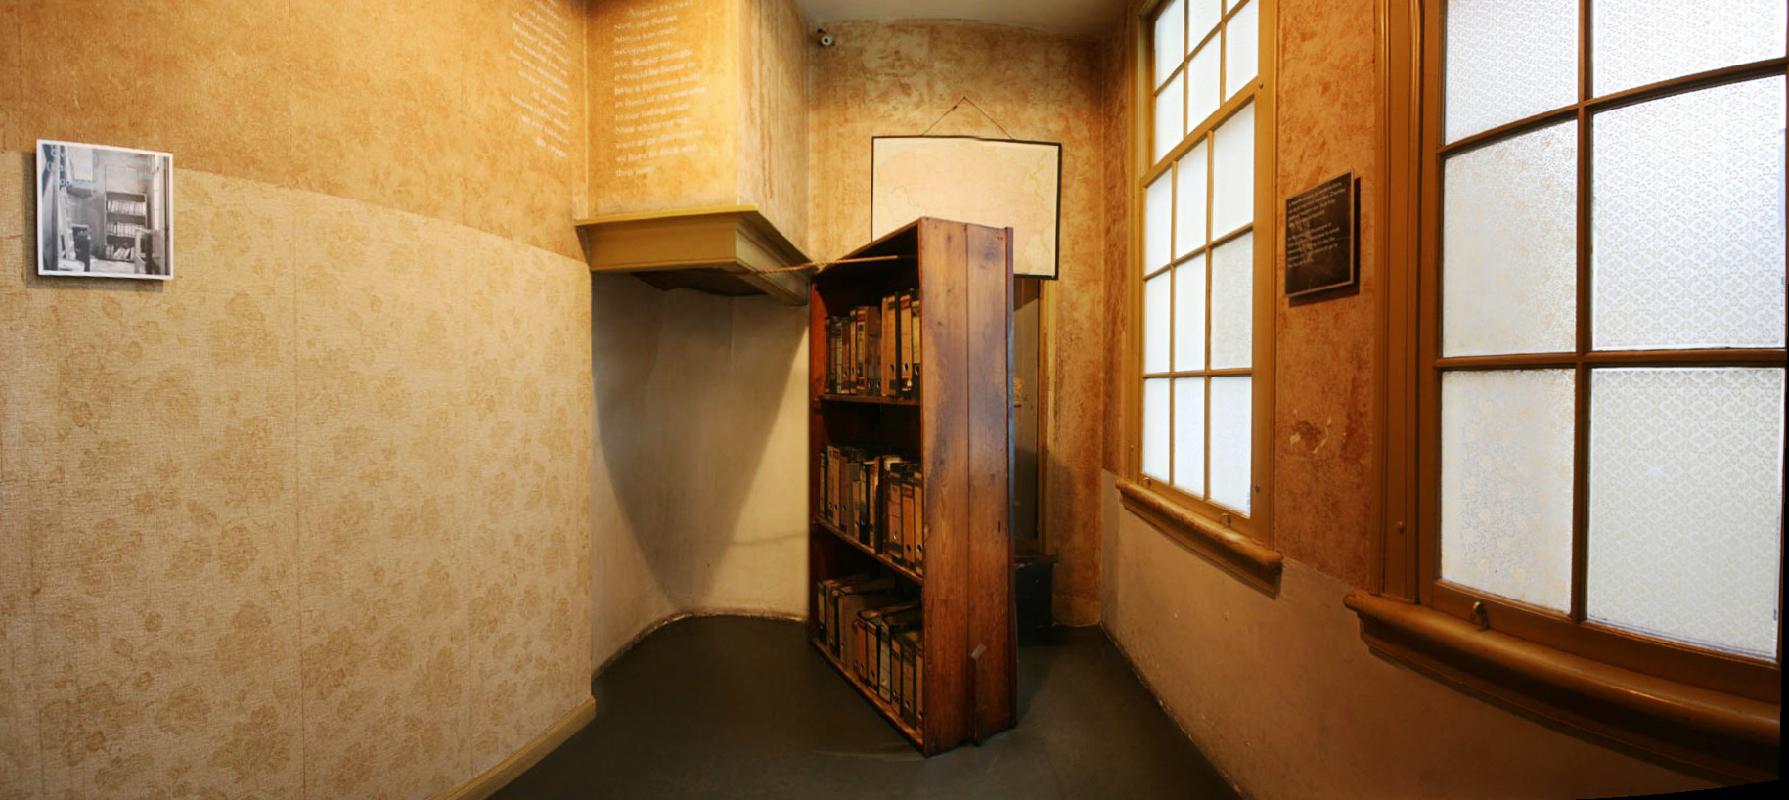 Anne Frank E Il Potere Del Vuoto Design Large Blog